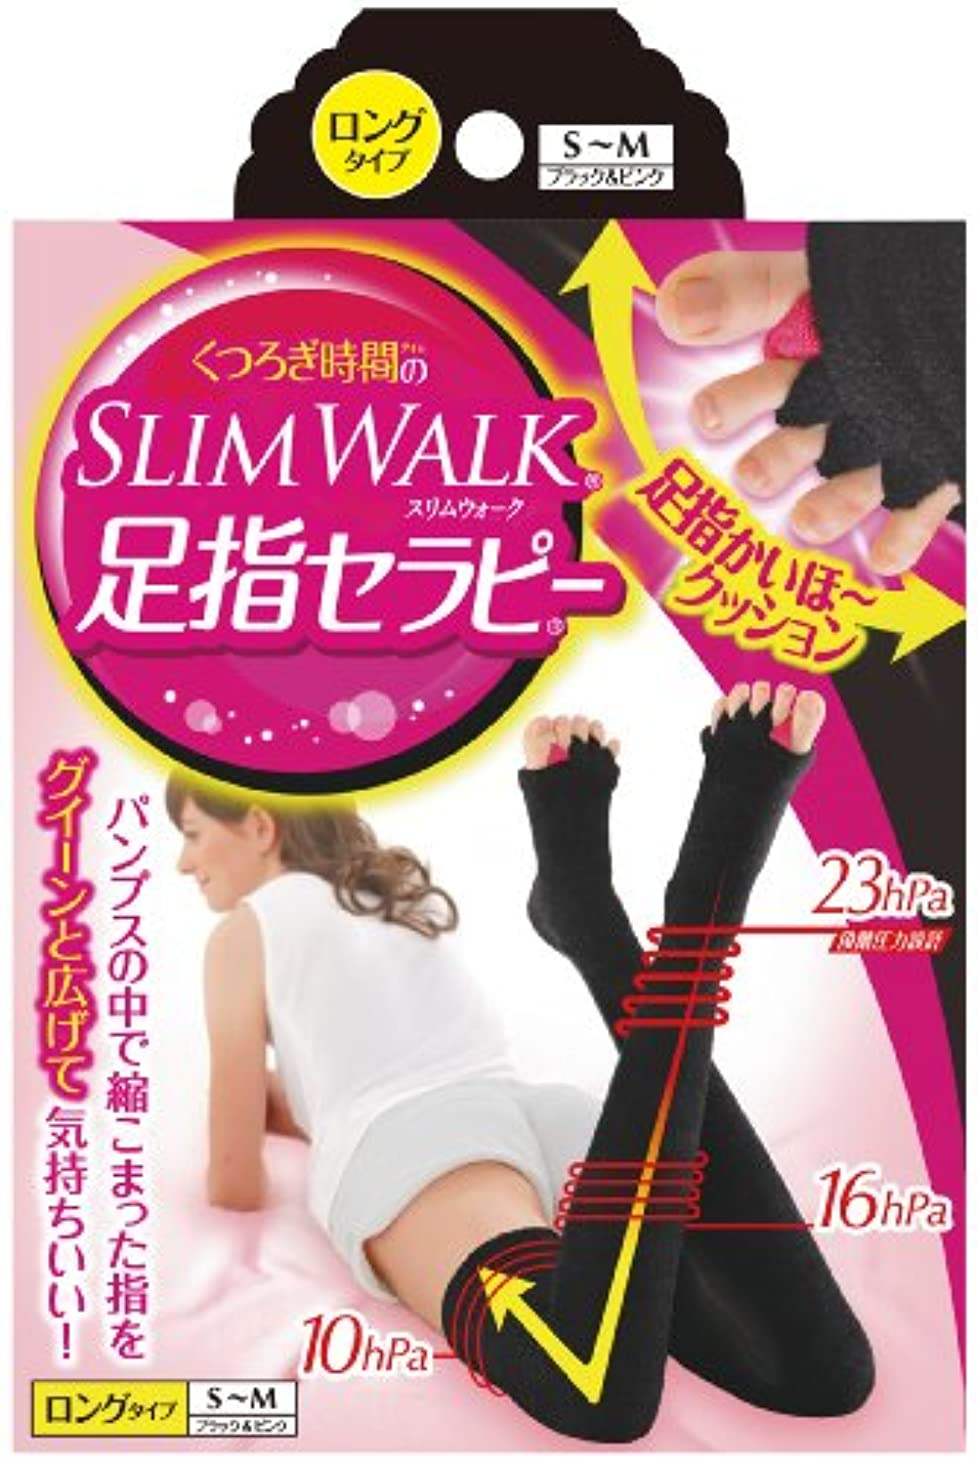 ボルトめる解放スリムウォーク 足指セラピー (冬用) ロングタイプ S-Mサイズ ブラック&ピンク(SLIMWALK,split open-toe socks,SM)